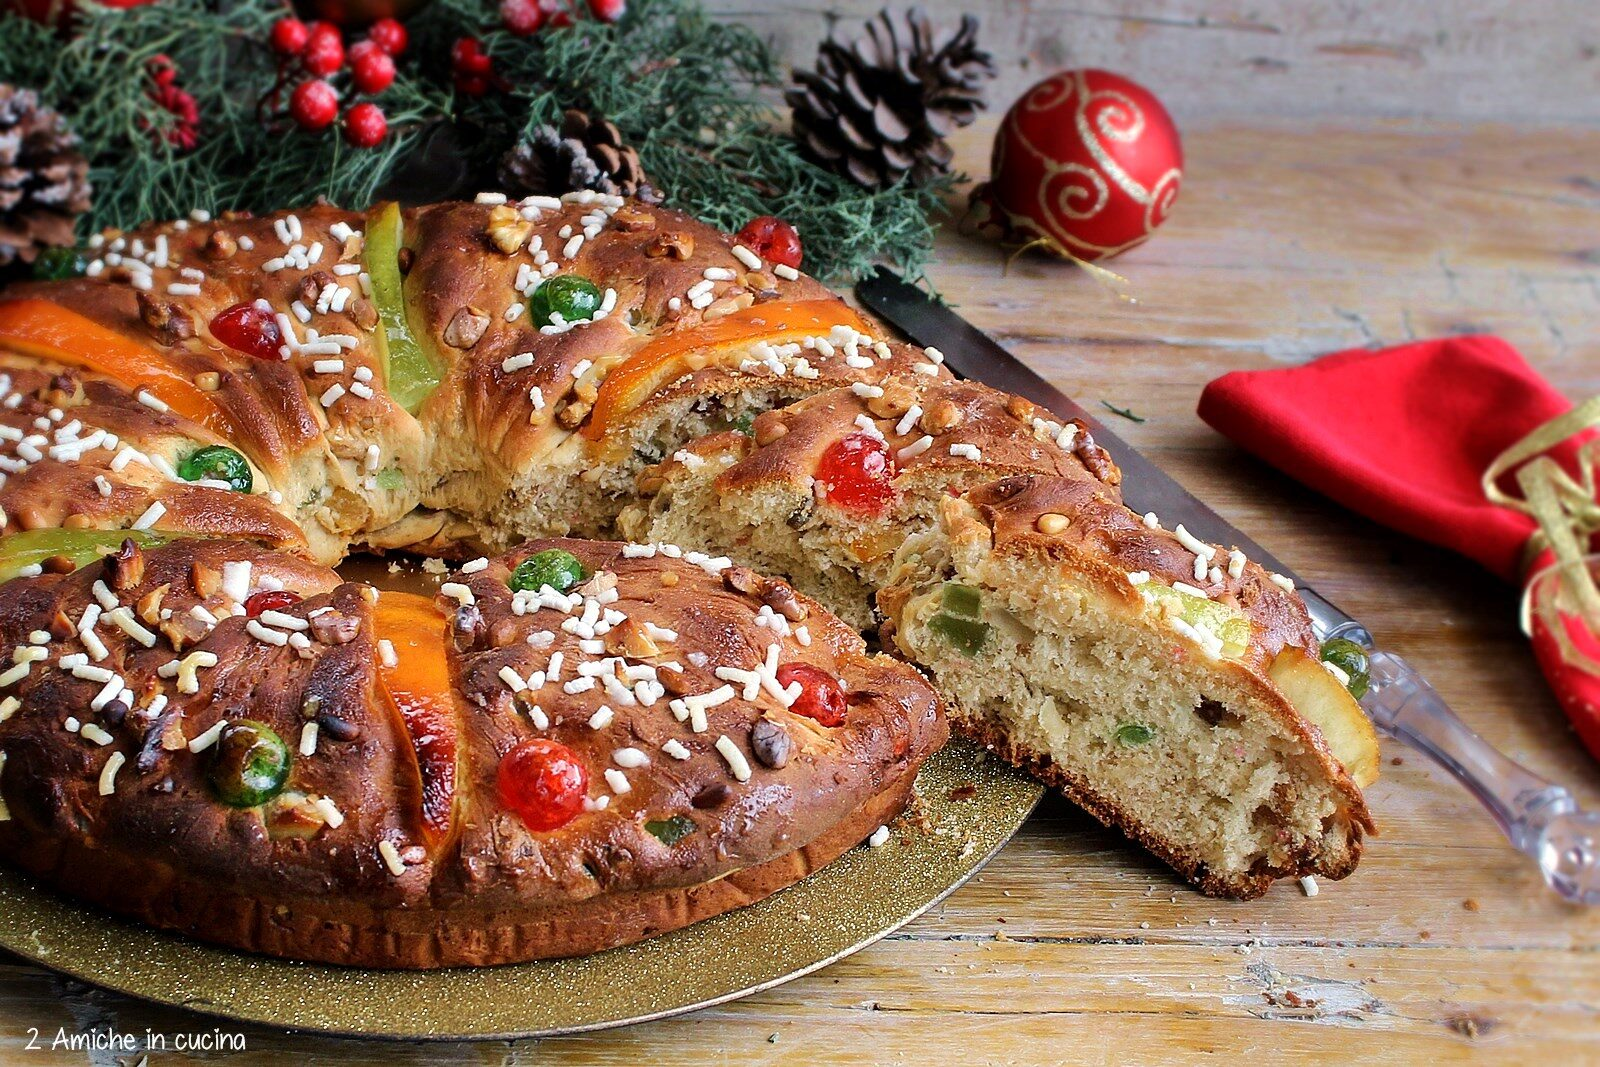 Torta del re, lievitato dolce con canditi, ricetta portoghese